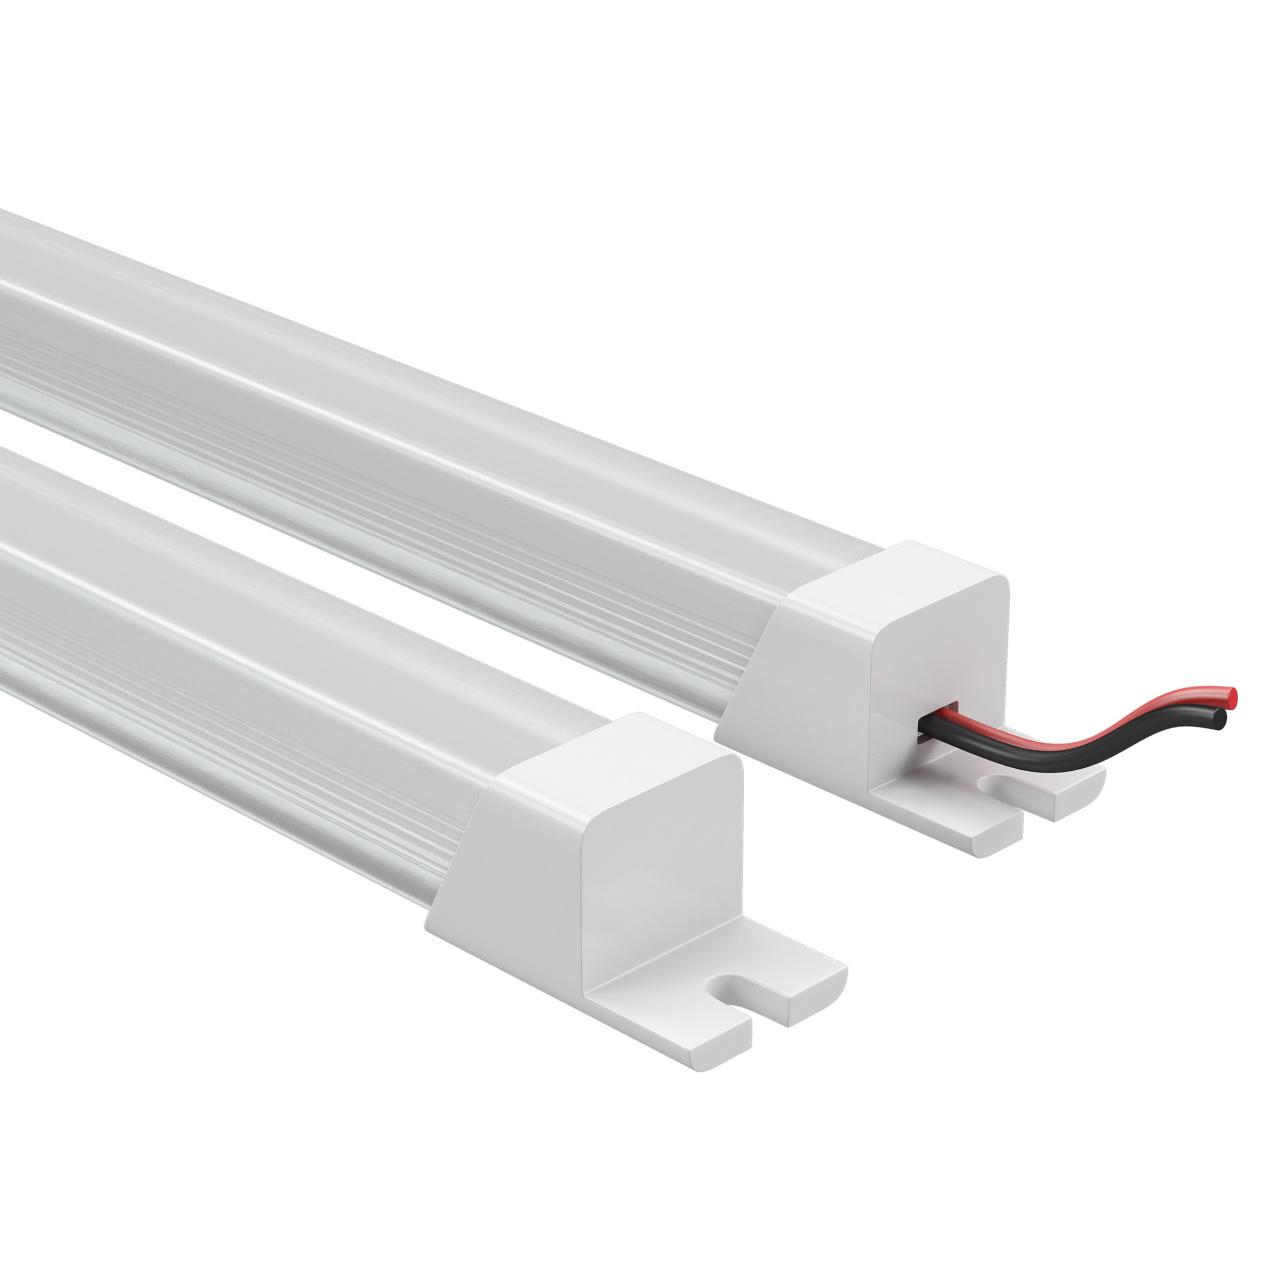 Лента в PVC-профиле Profiled 400024 12V 19.2W 240LED 4500K с прямоугольным рассеивателем, пластик, 1шт 2м Lightstar 409124